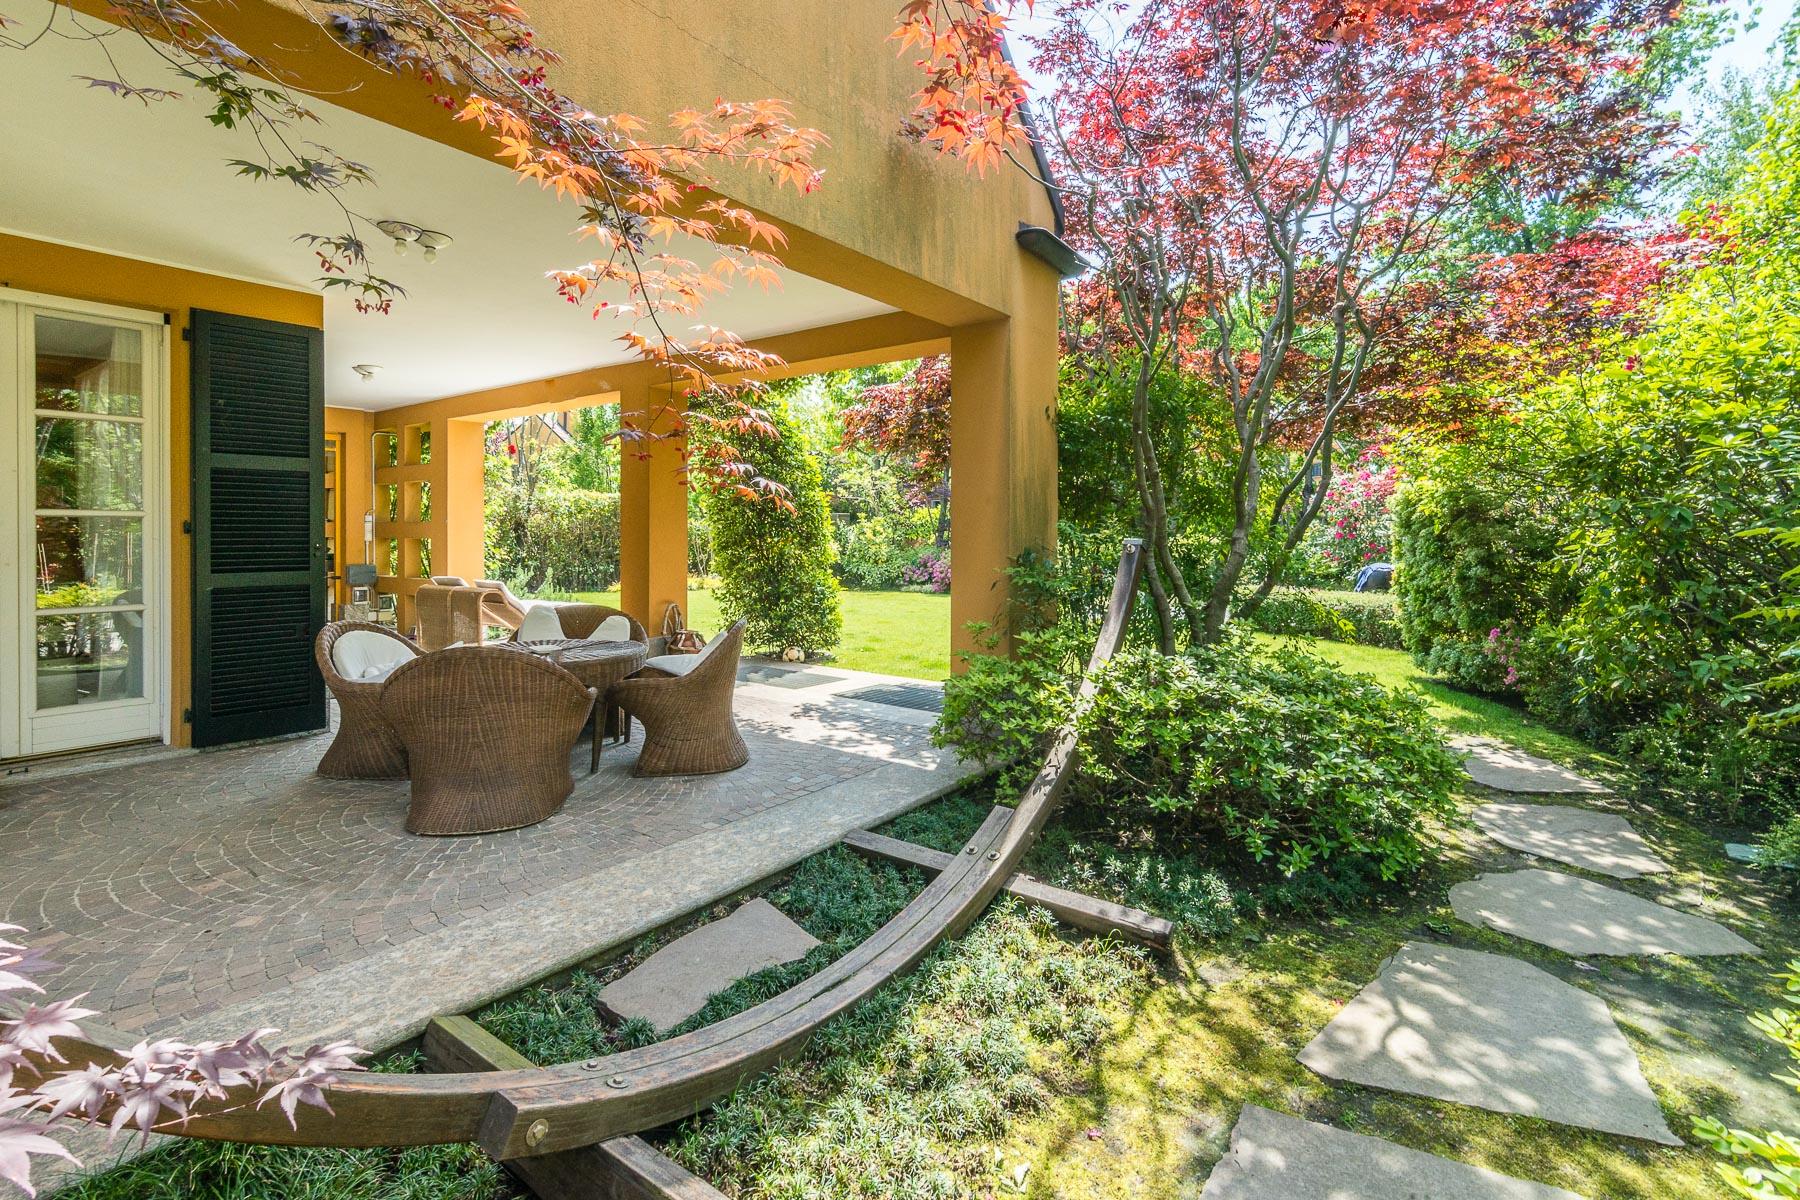 Villa in Vendita a Agrate Conturbia: 5 locali, 300 mq - Foto 8